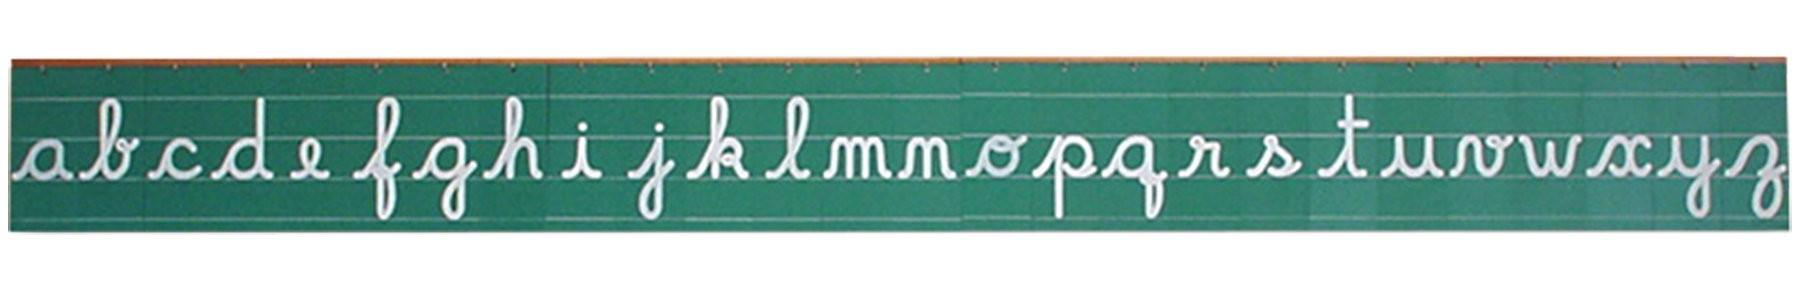 Letras Cursivas do mural